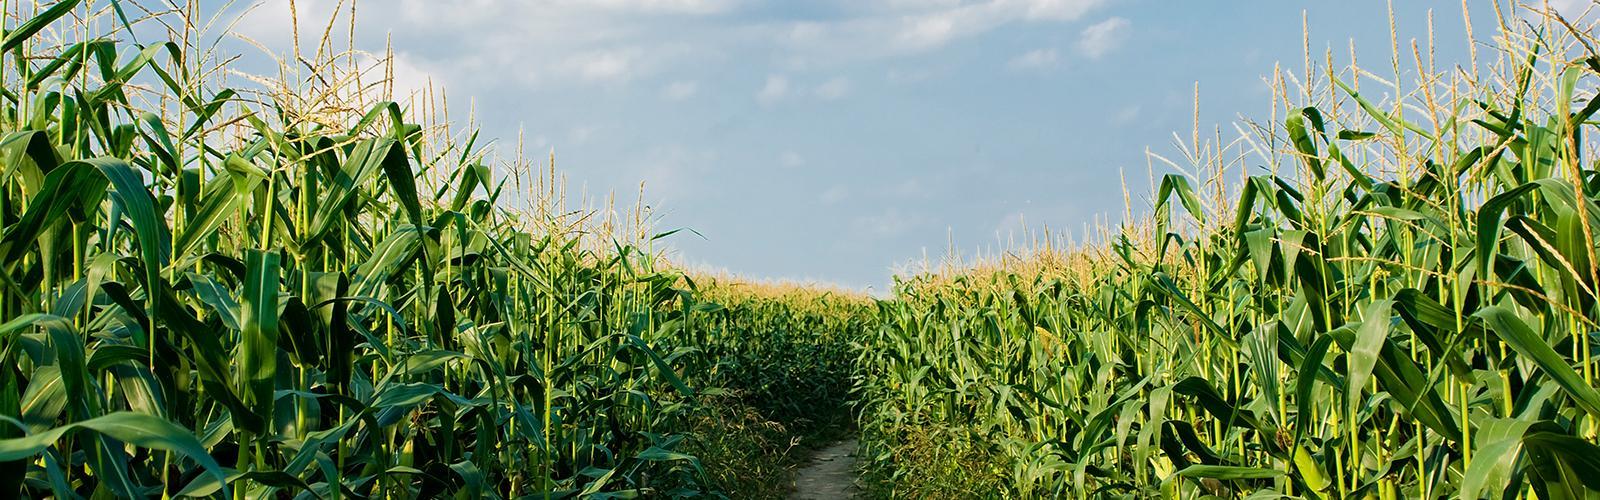 Path through corn field.